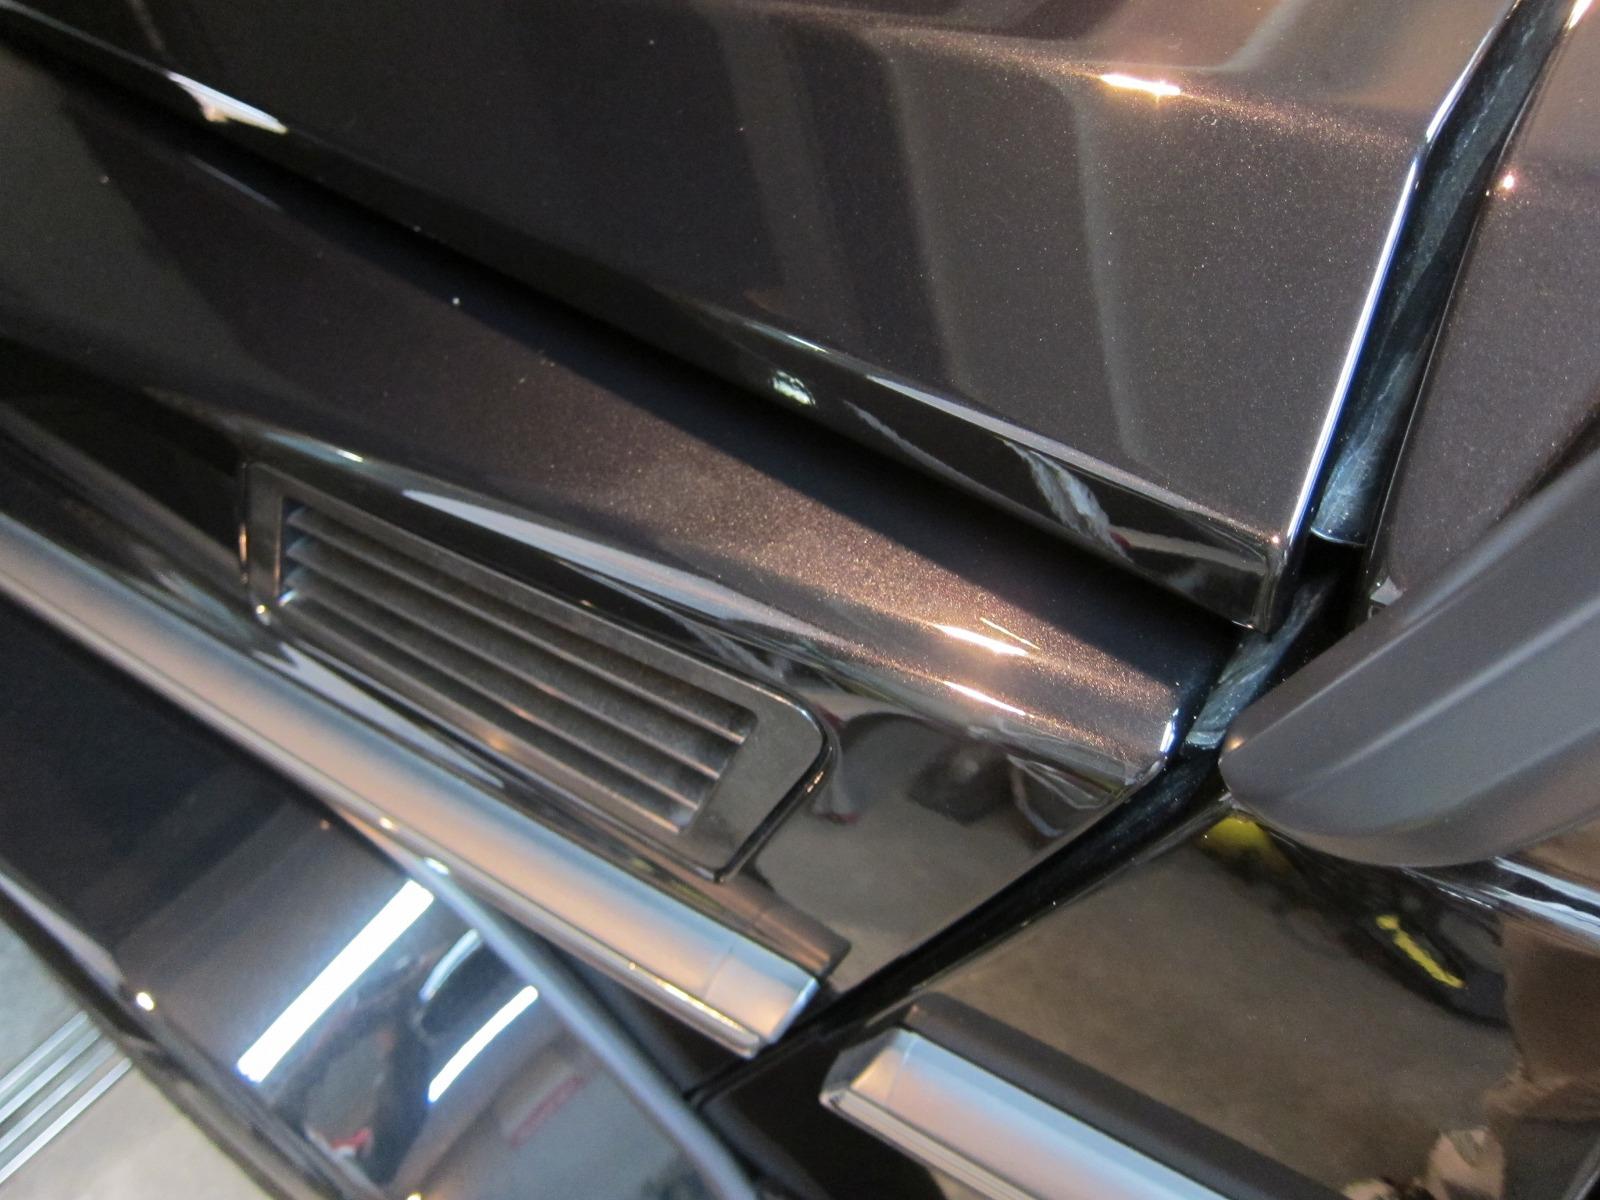 20130621-mercedes-benz-g320-02